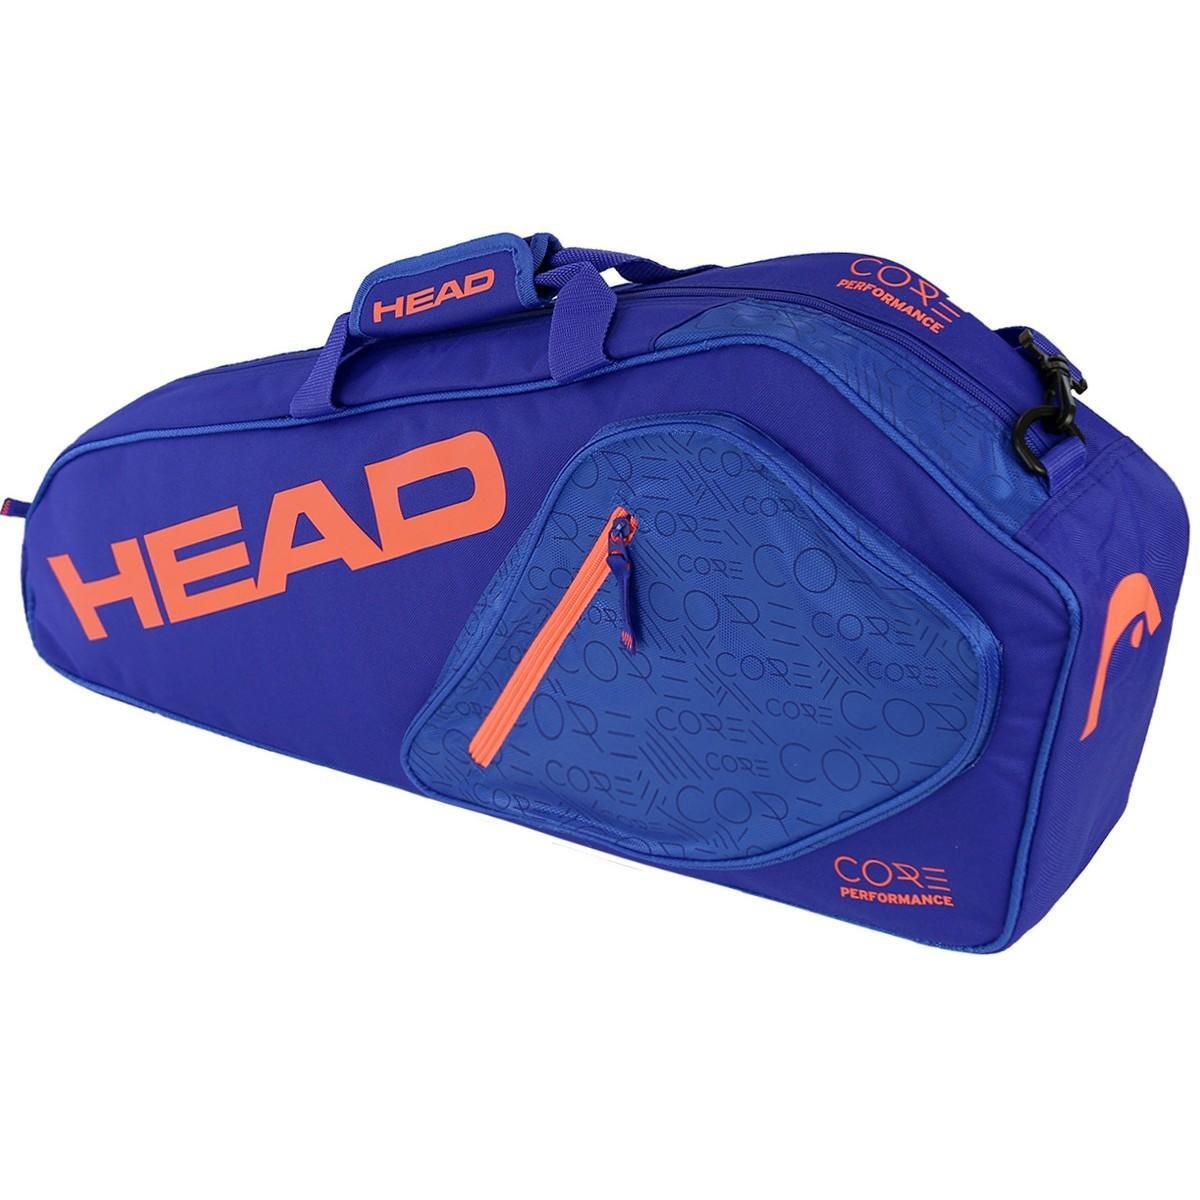 Теннисная сумка Head Core 3R Pro blue flame